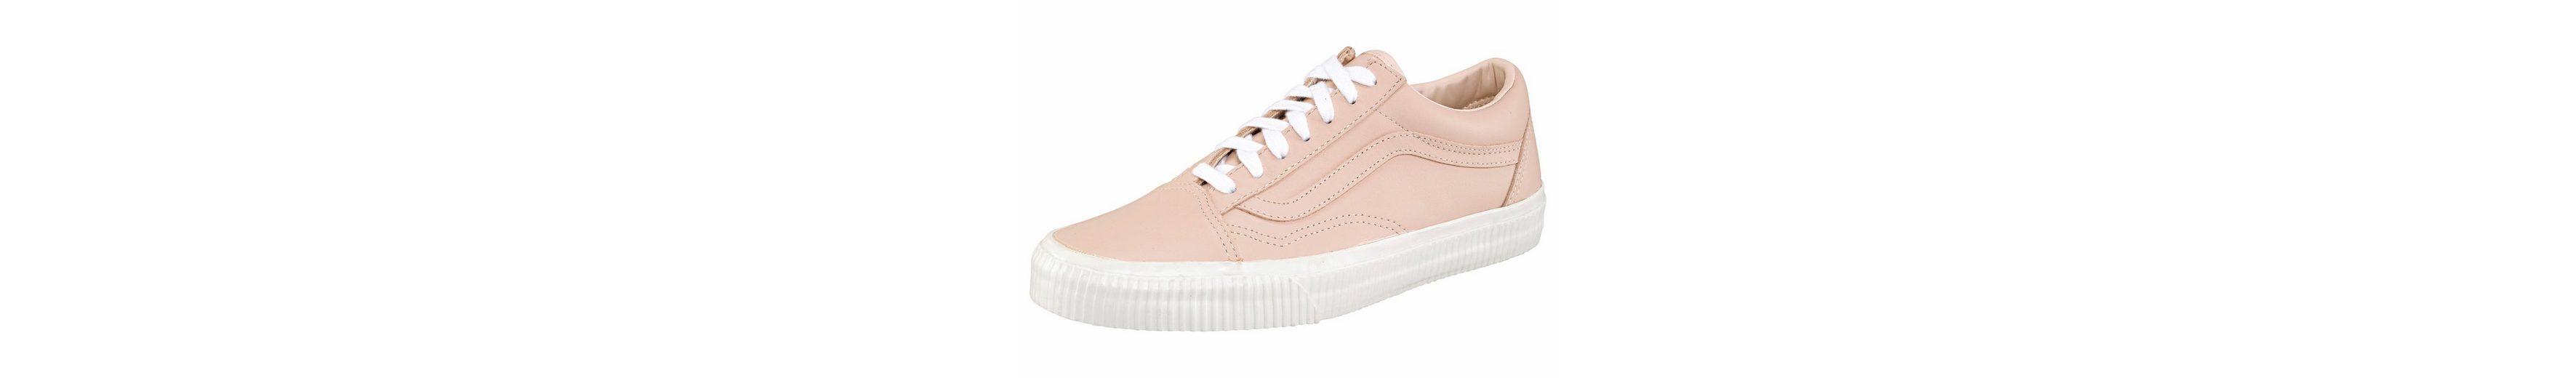 Vans Old Skool Leather W Sneaker